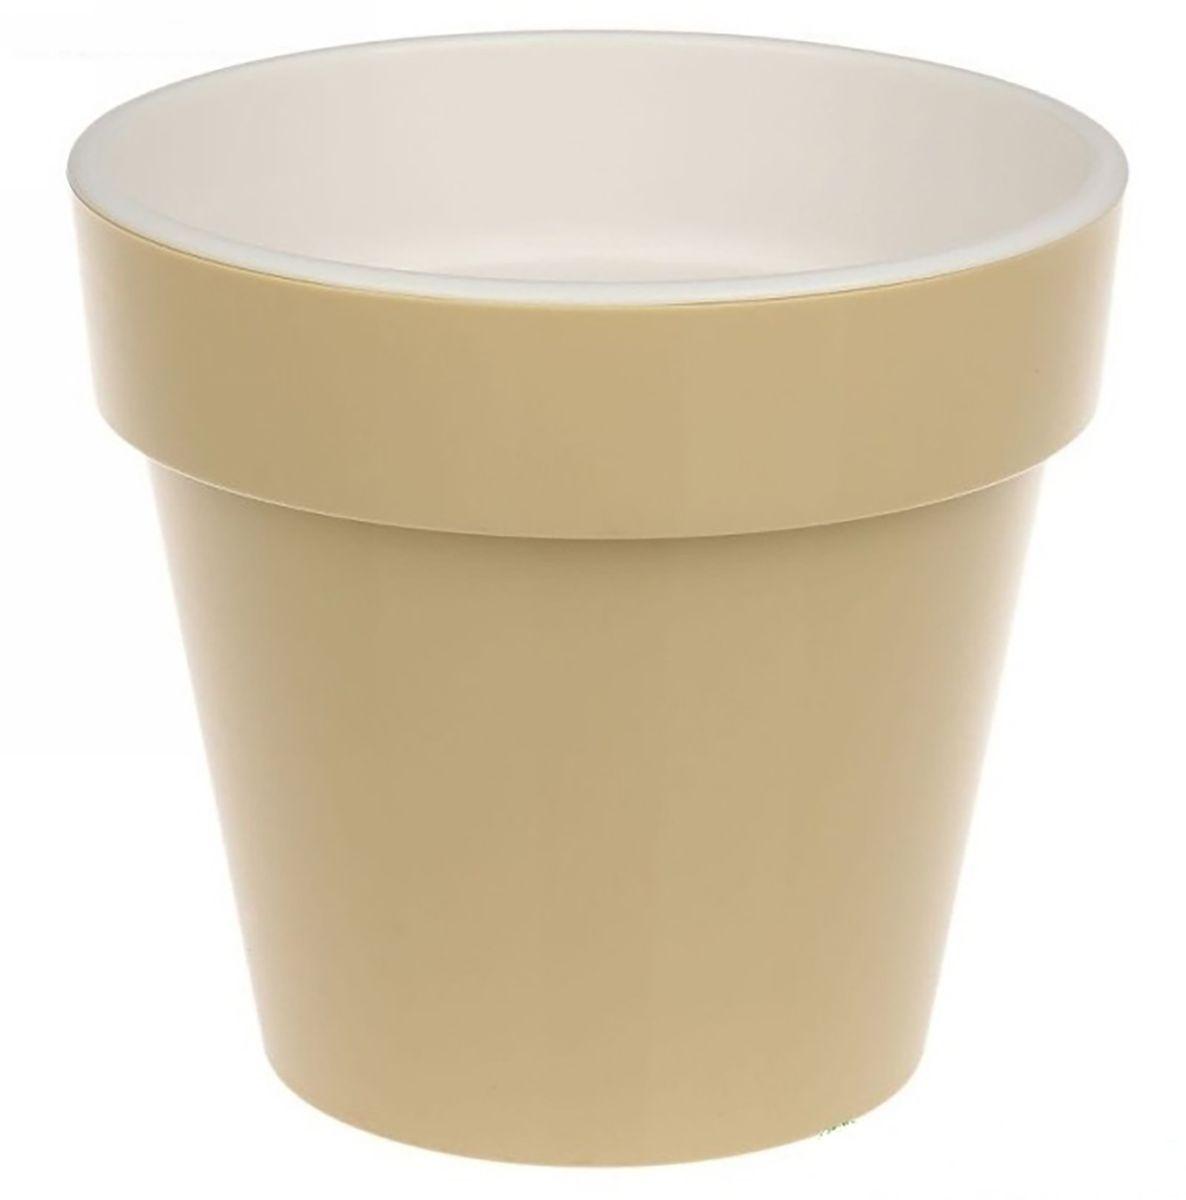 Кашпо JetPlast Порто, со вставкой, цвет: кремовый, 1 л4612754052417Кашпо Порто классической формы с внутренней вставкой-горшком. Дренажная вставка позволяет легко поливать растения без использования дополнительного поддона. Вместительный объем кашпо позволяет высаживать самые разнообразные растения, а съемная вставка избавит вас от грязи и подчеркнет красоту цветка. Оно изготовлено из прочного полипропилена (пластика). Такое кашпо порадует вас функциональностью, а благодаря лаконичному дизайну впишется в любой интерьер помещения. Объем кашпо: 1 л.